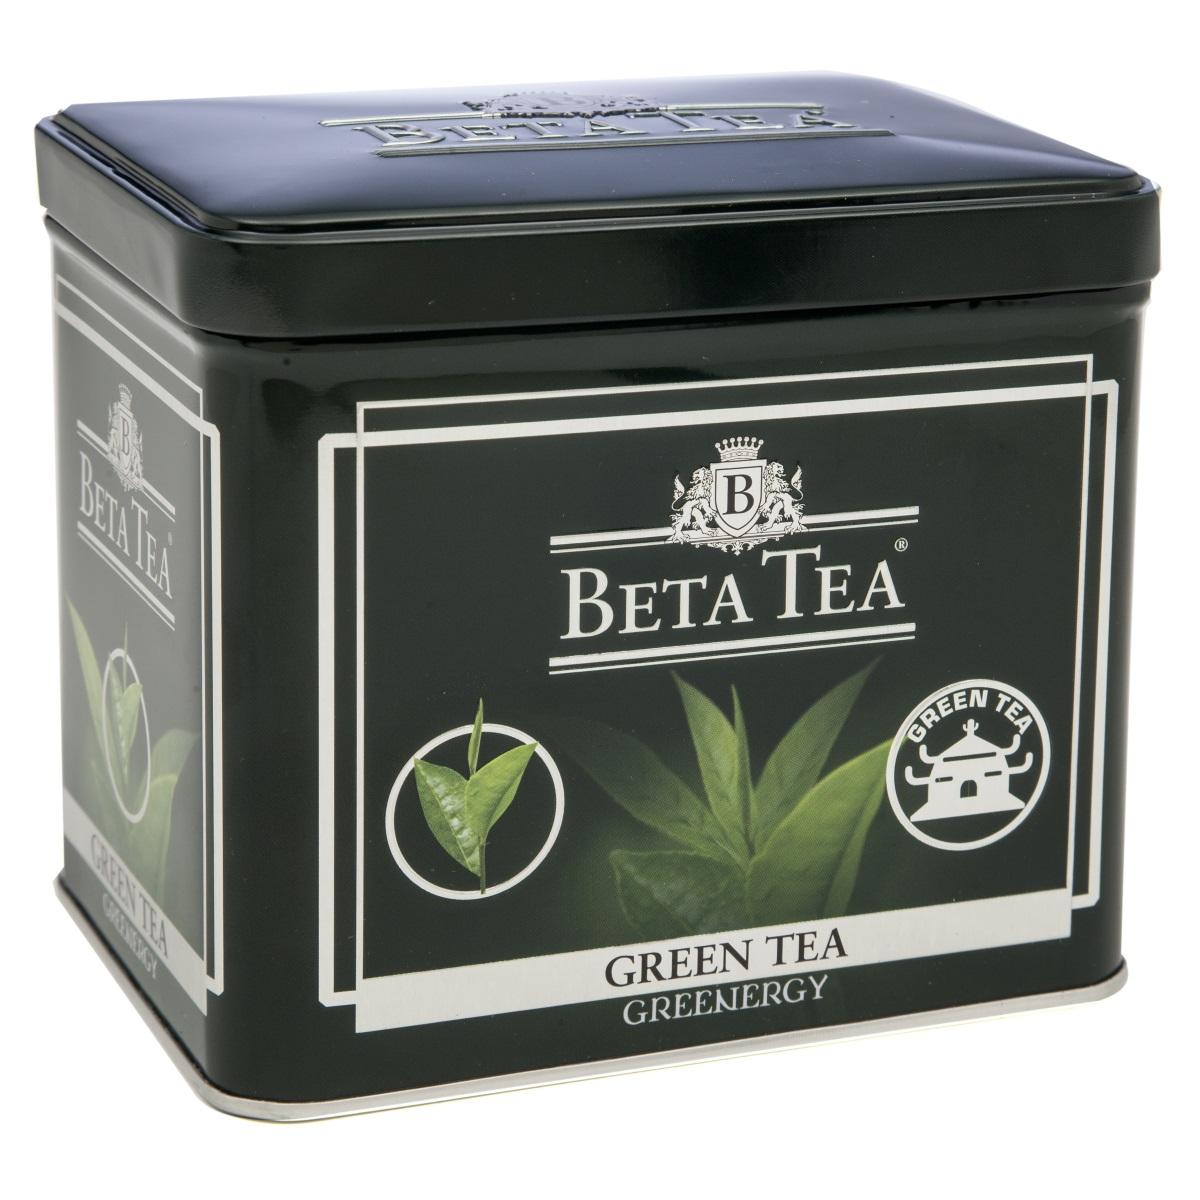 Beta Tea зеленый листовой чай, 250 г (жестяная банка)8690717005317Благодаря своим целебным свойствам зеленый чай Beta Tea занимает особое место в ассортименте компании. Основная задача при производстве этого сорта состоит в том, чтобы сохранить лечебные природные биологически активные вещества свежих листьев таким образом, чтобы они смогли высвободиться во время заваривания.